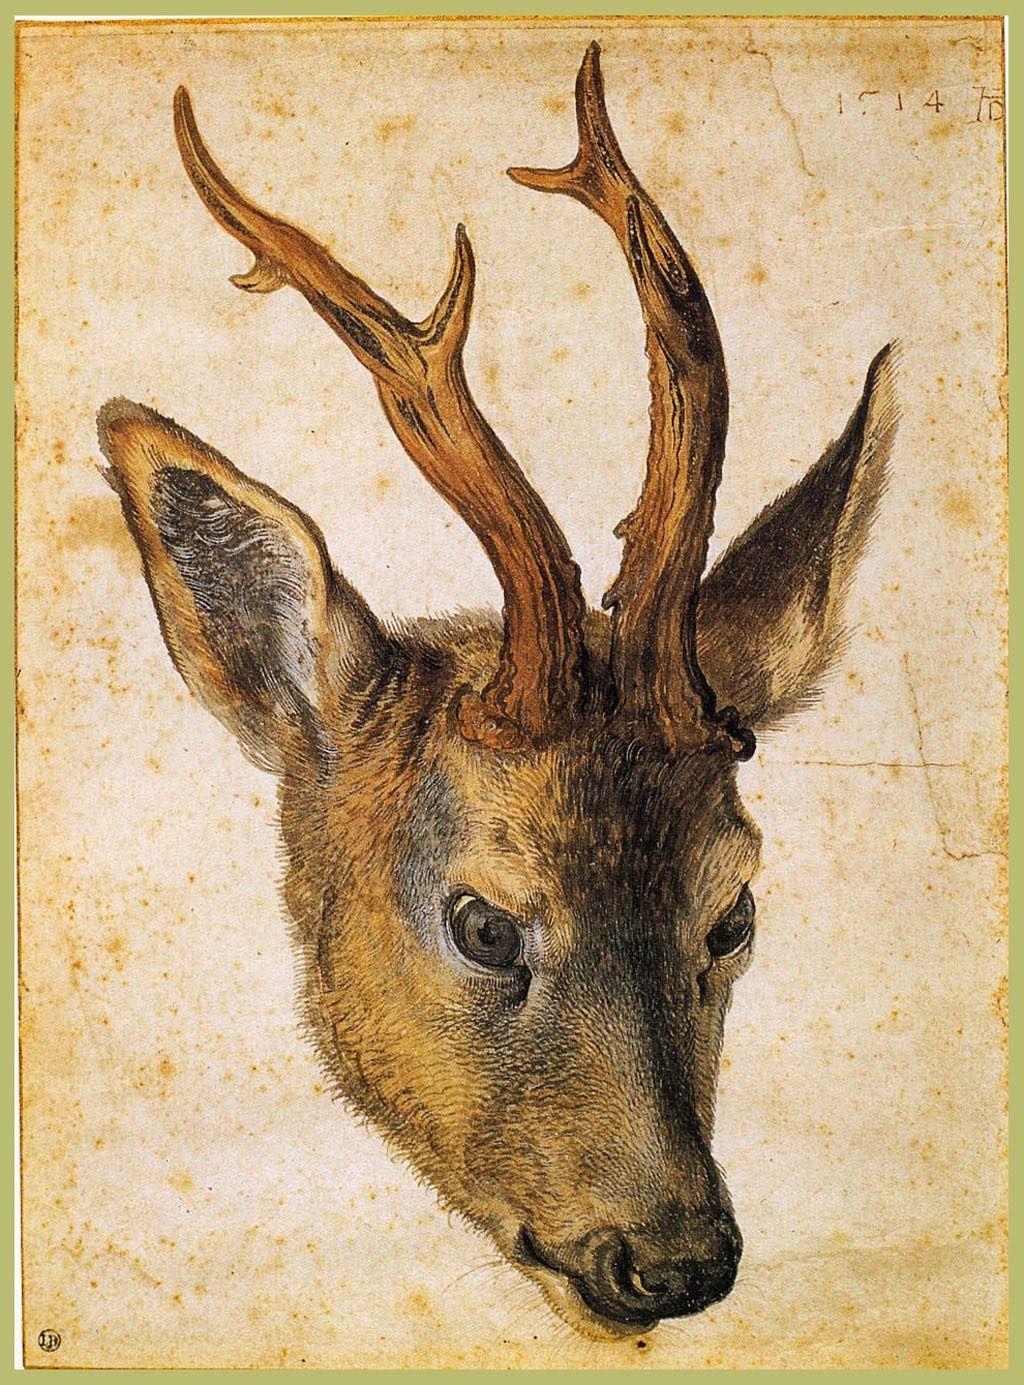 ArtArte Imagem Semanal: Dürer e o mundo animal http://arteseanp.blogspot.com